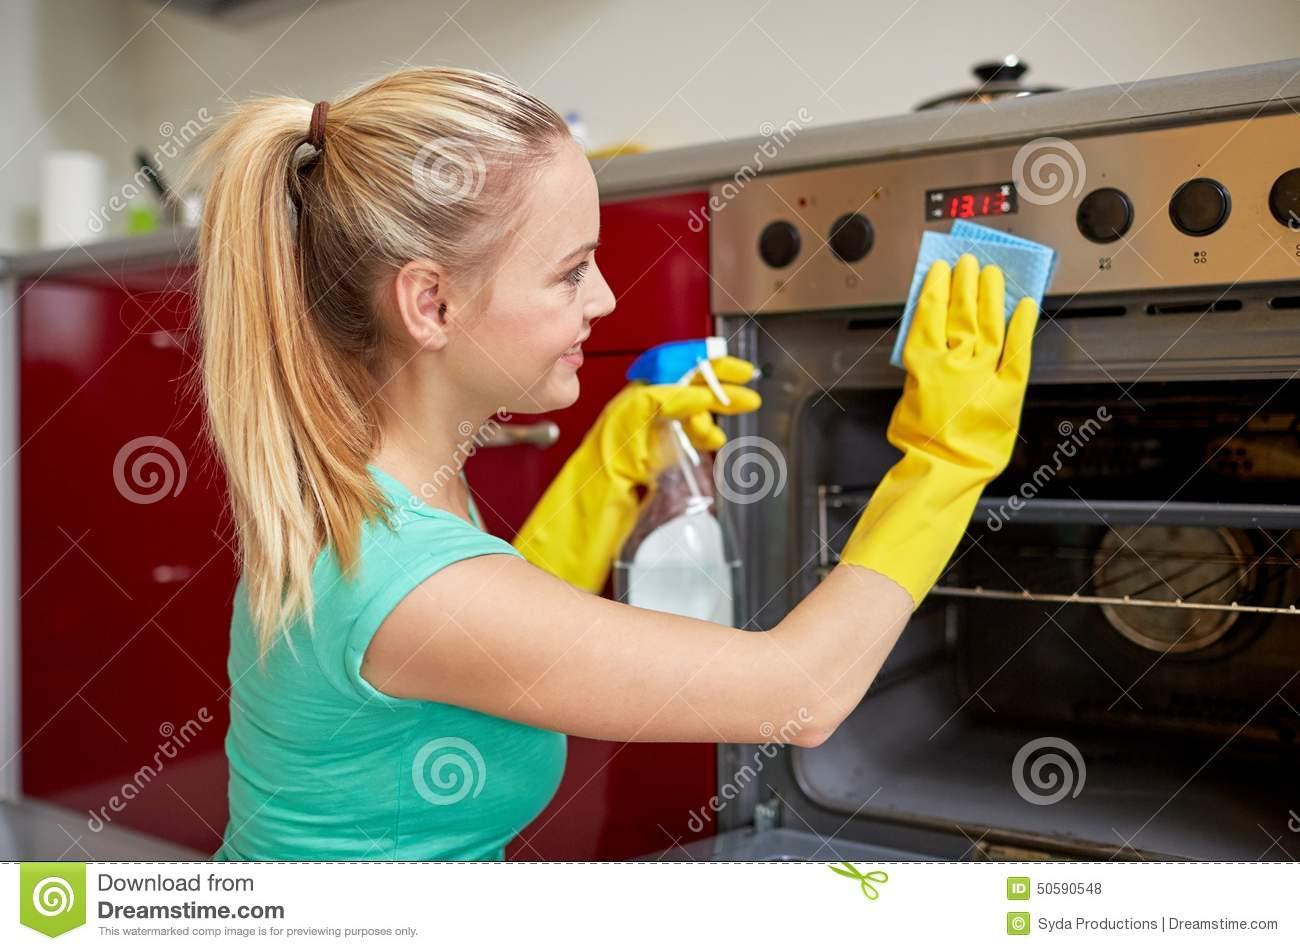 7 astuces de nettoyage qui changeront votre vie